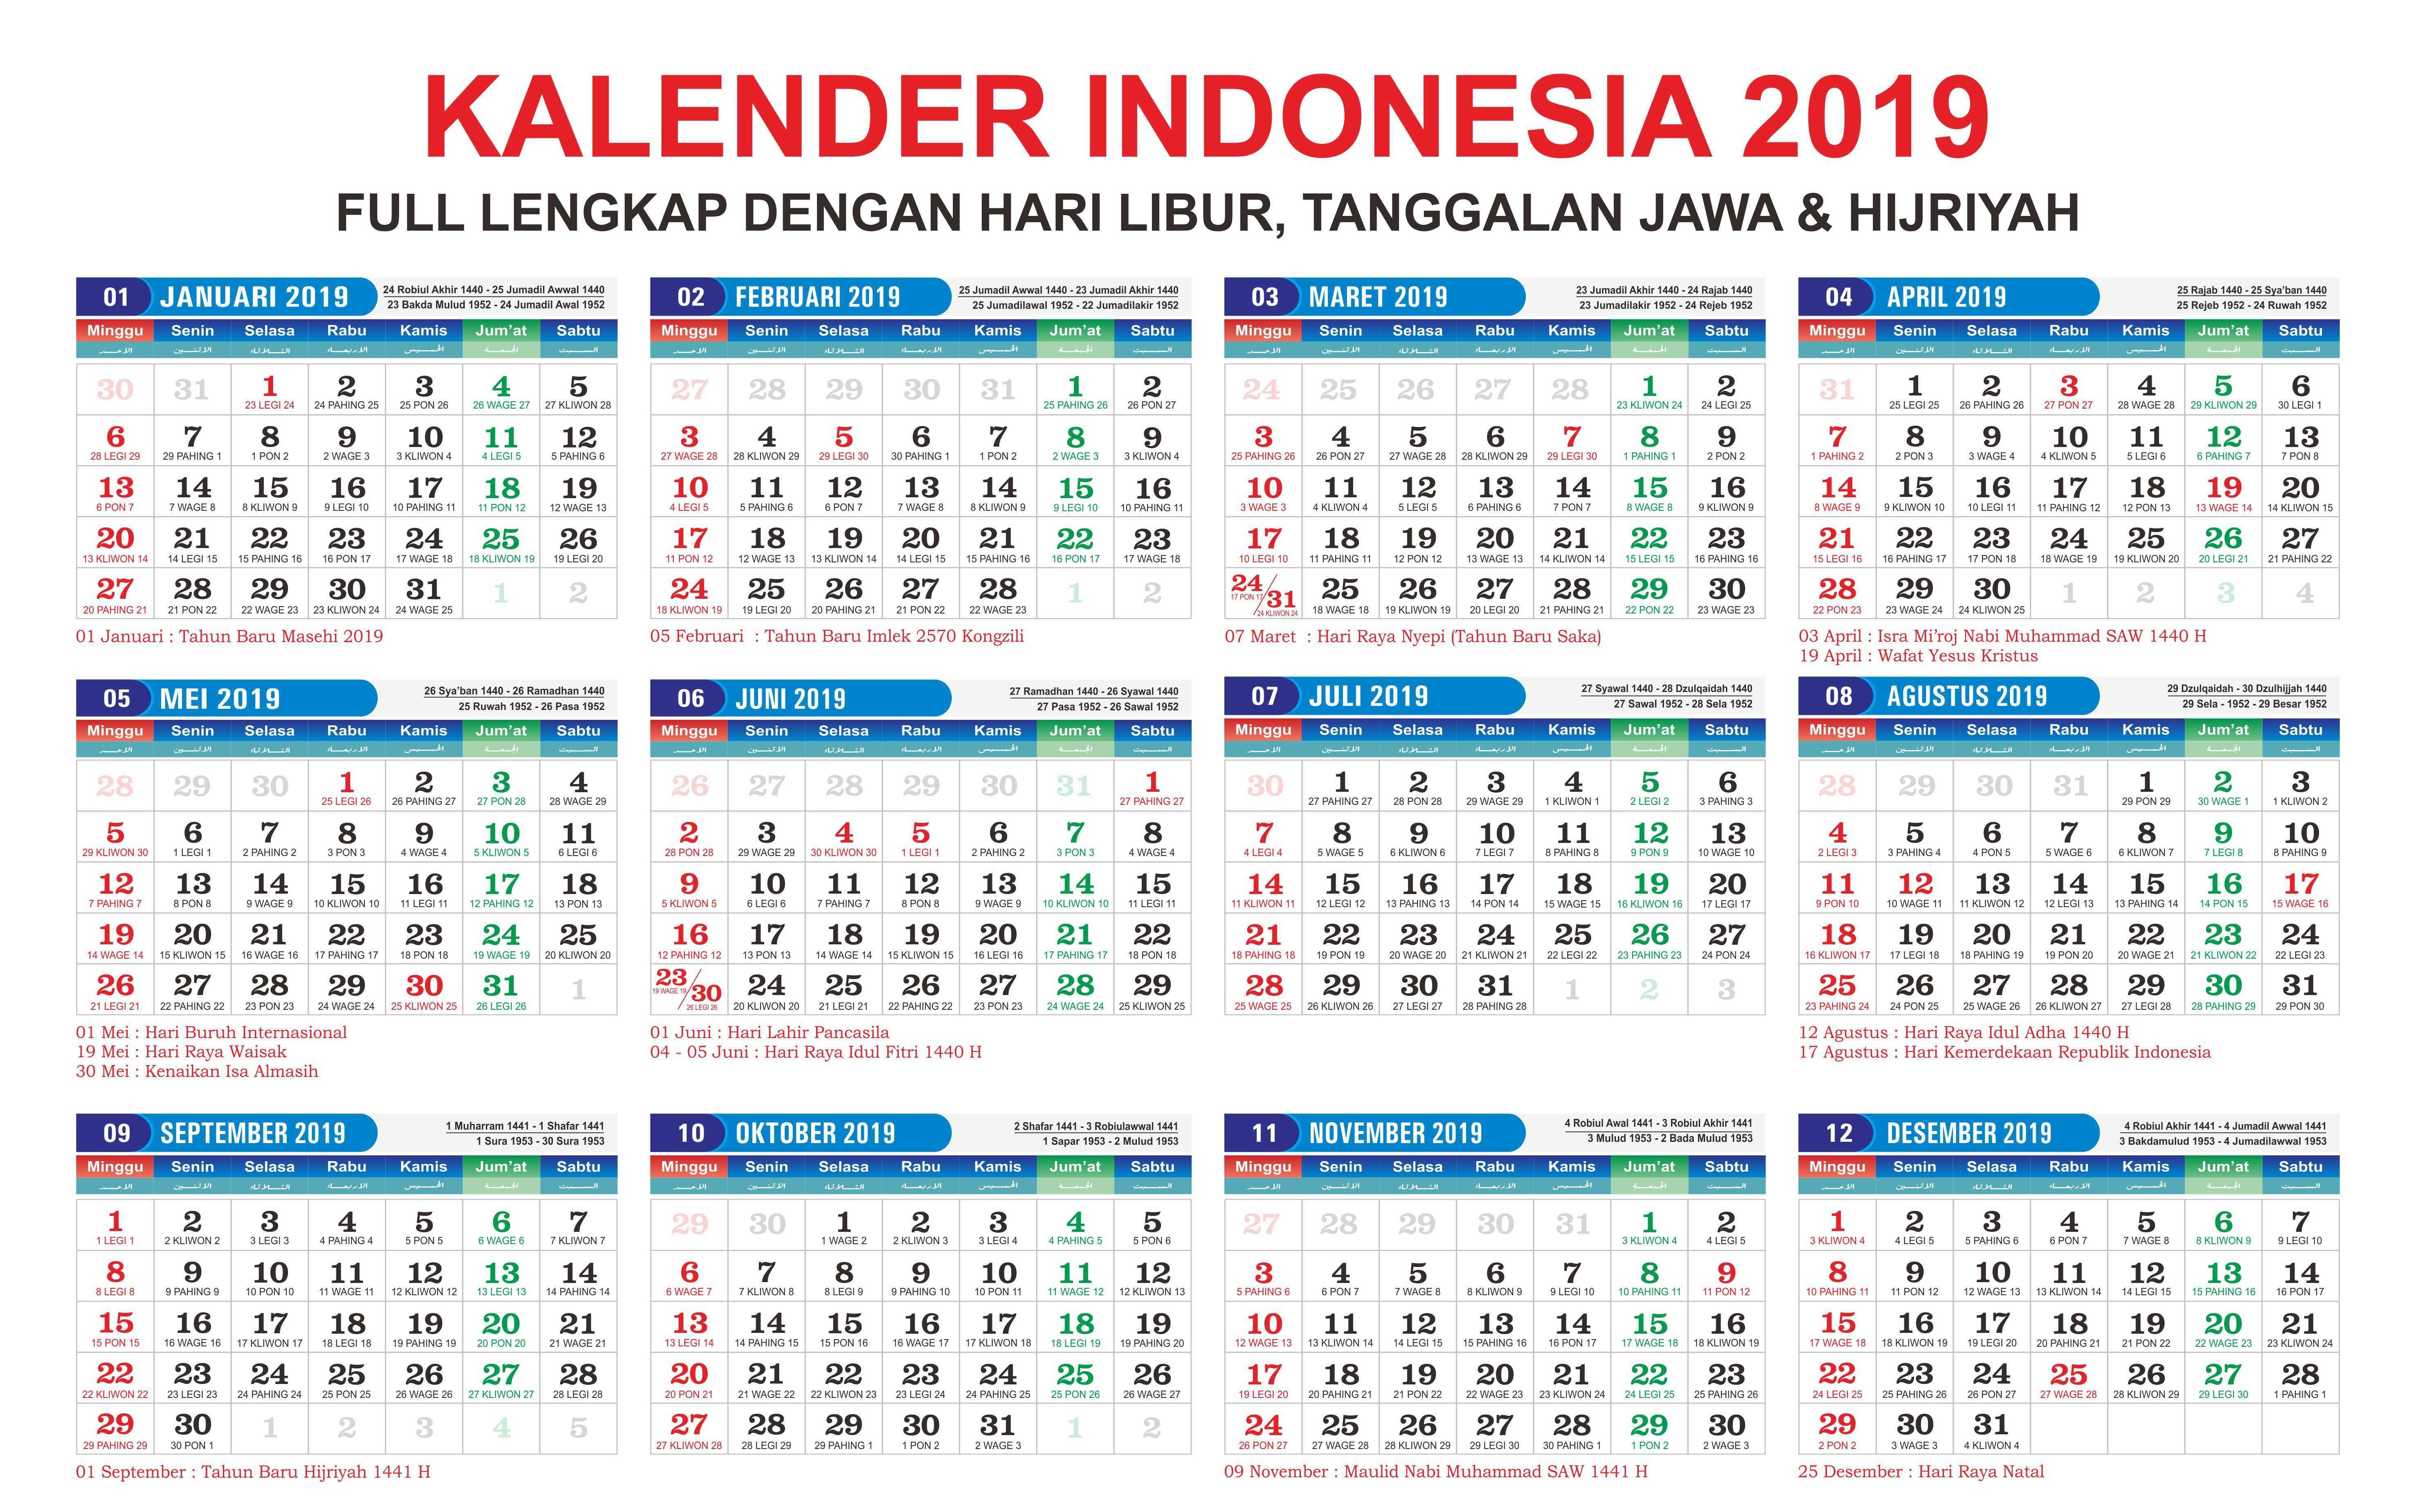 Imlek Tahun 2020 With Kalender Jawa Hasil Cetakan 2017 2018 2019